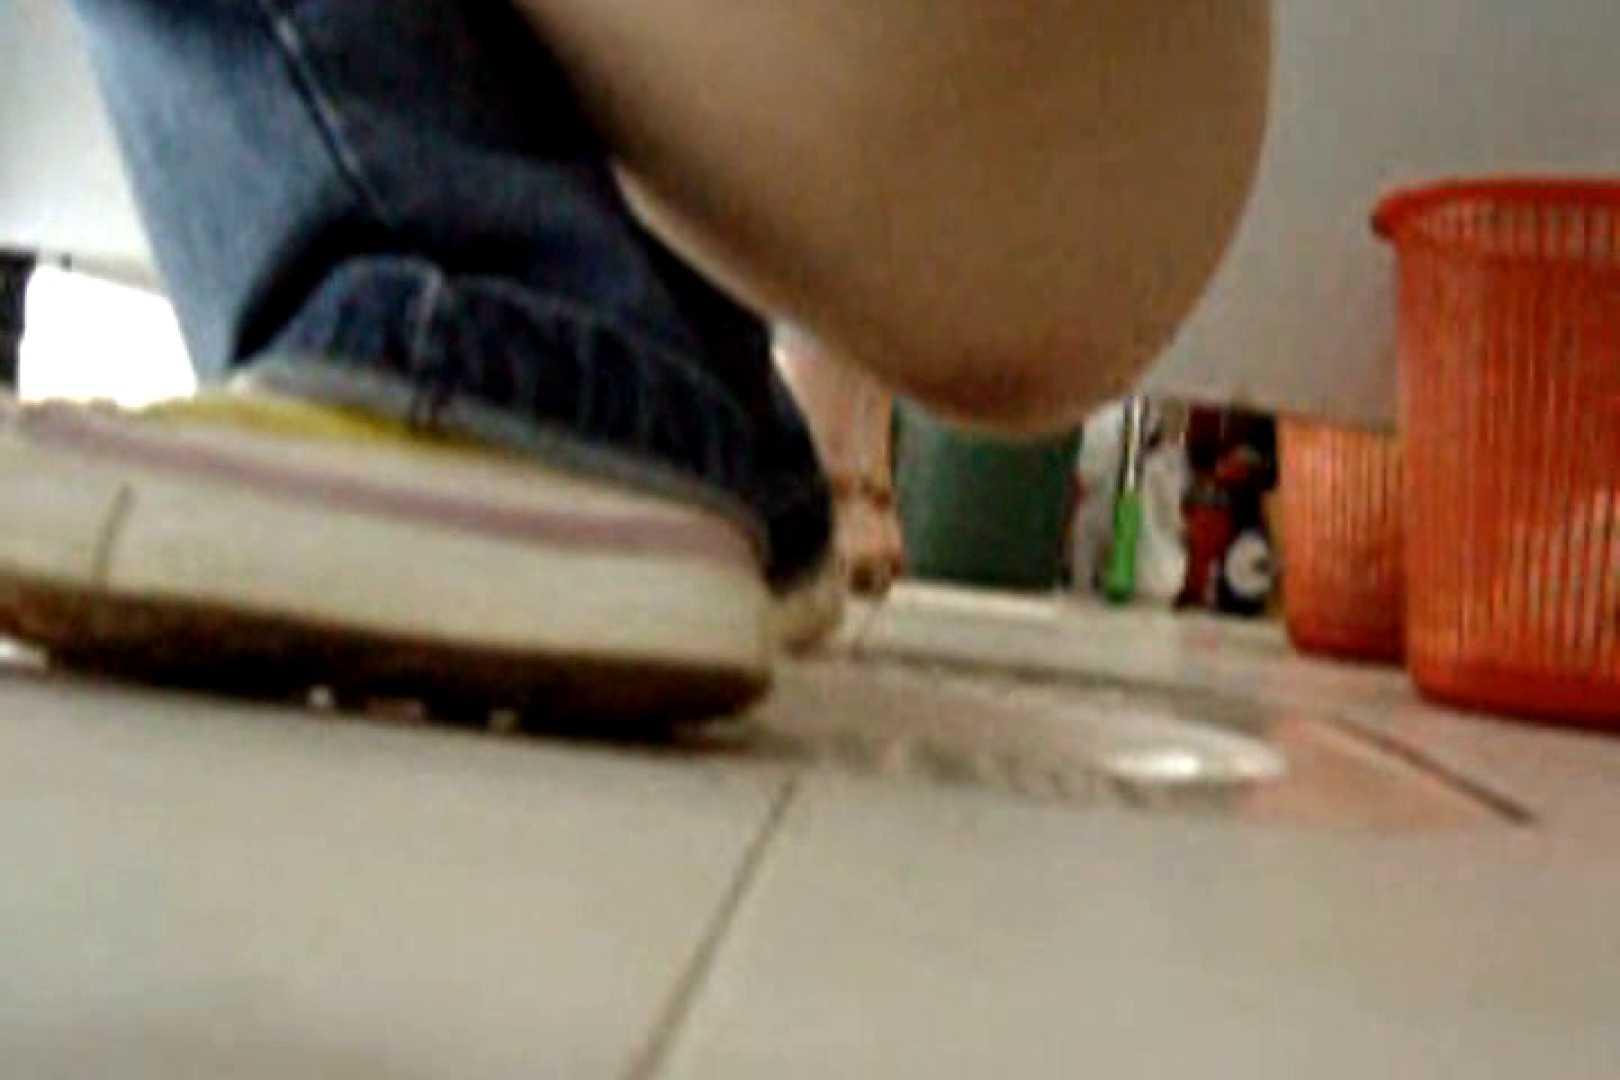 ぼっとん洗面所スペシャルVol.5 洗面所 盗み撮りAV無料動画キャプチャ 88PICs 86